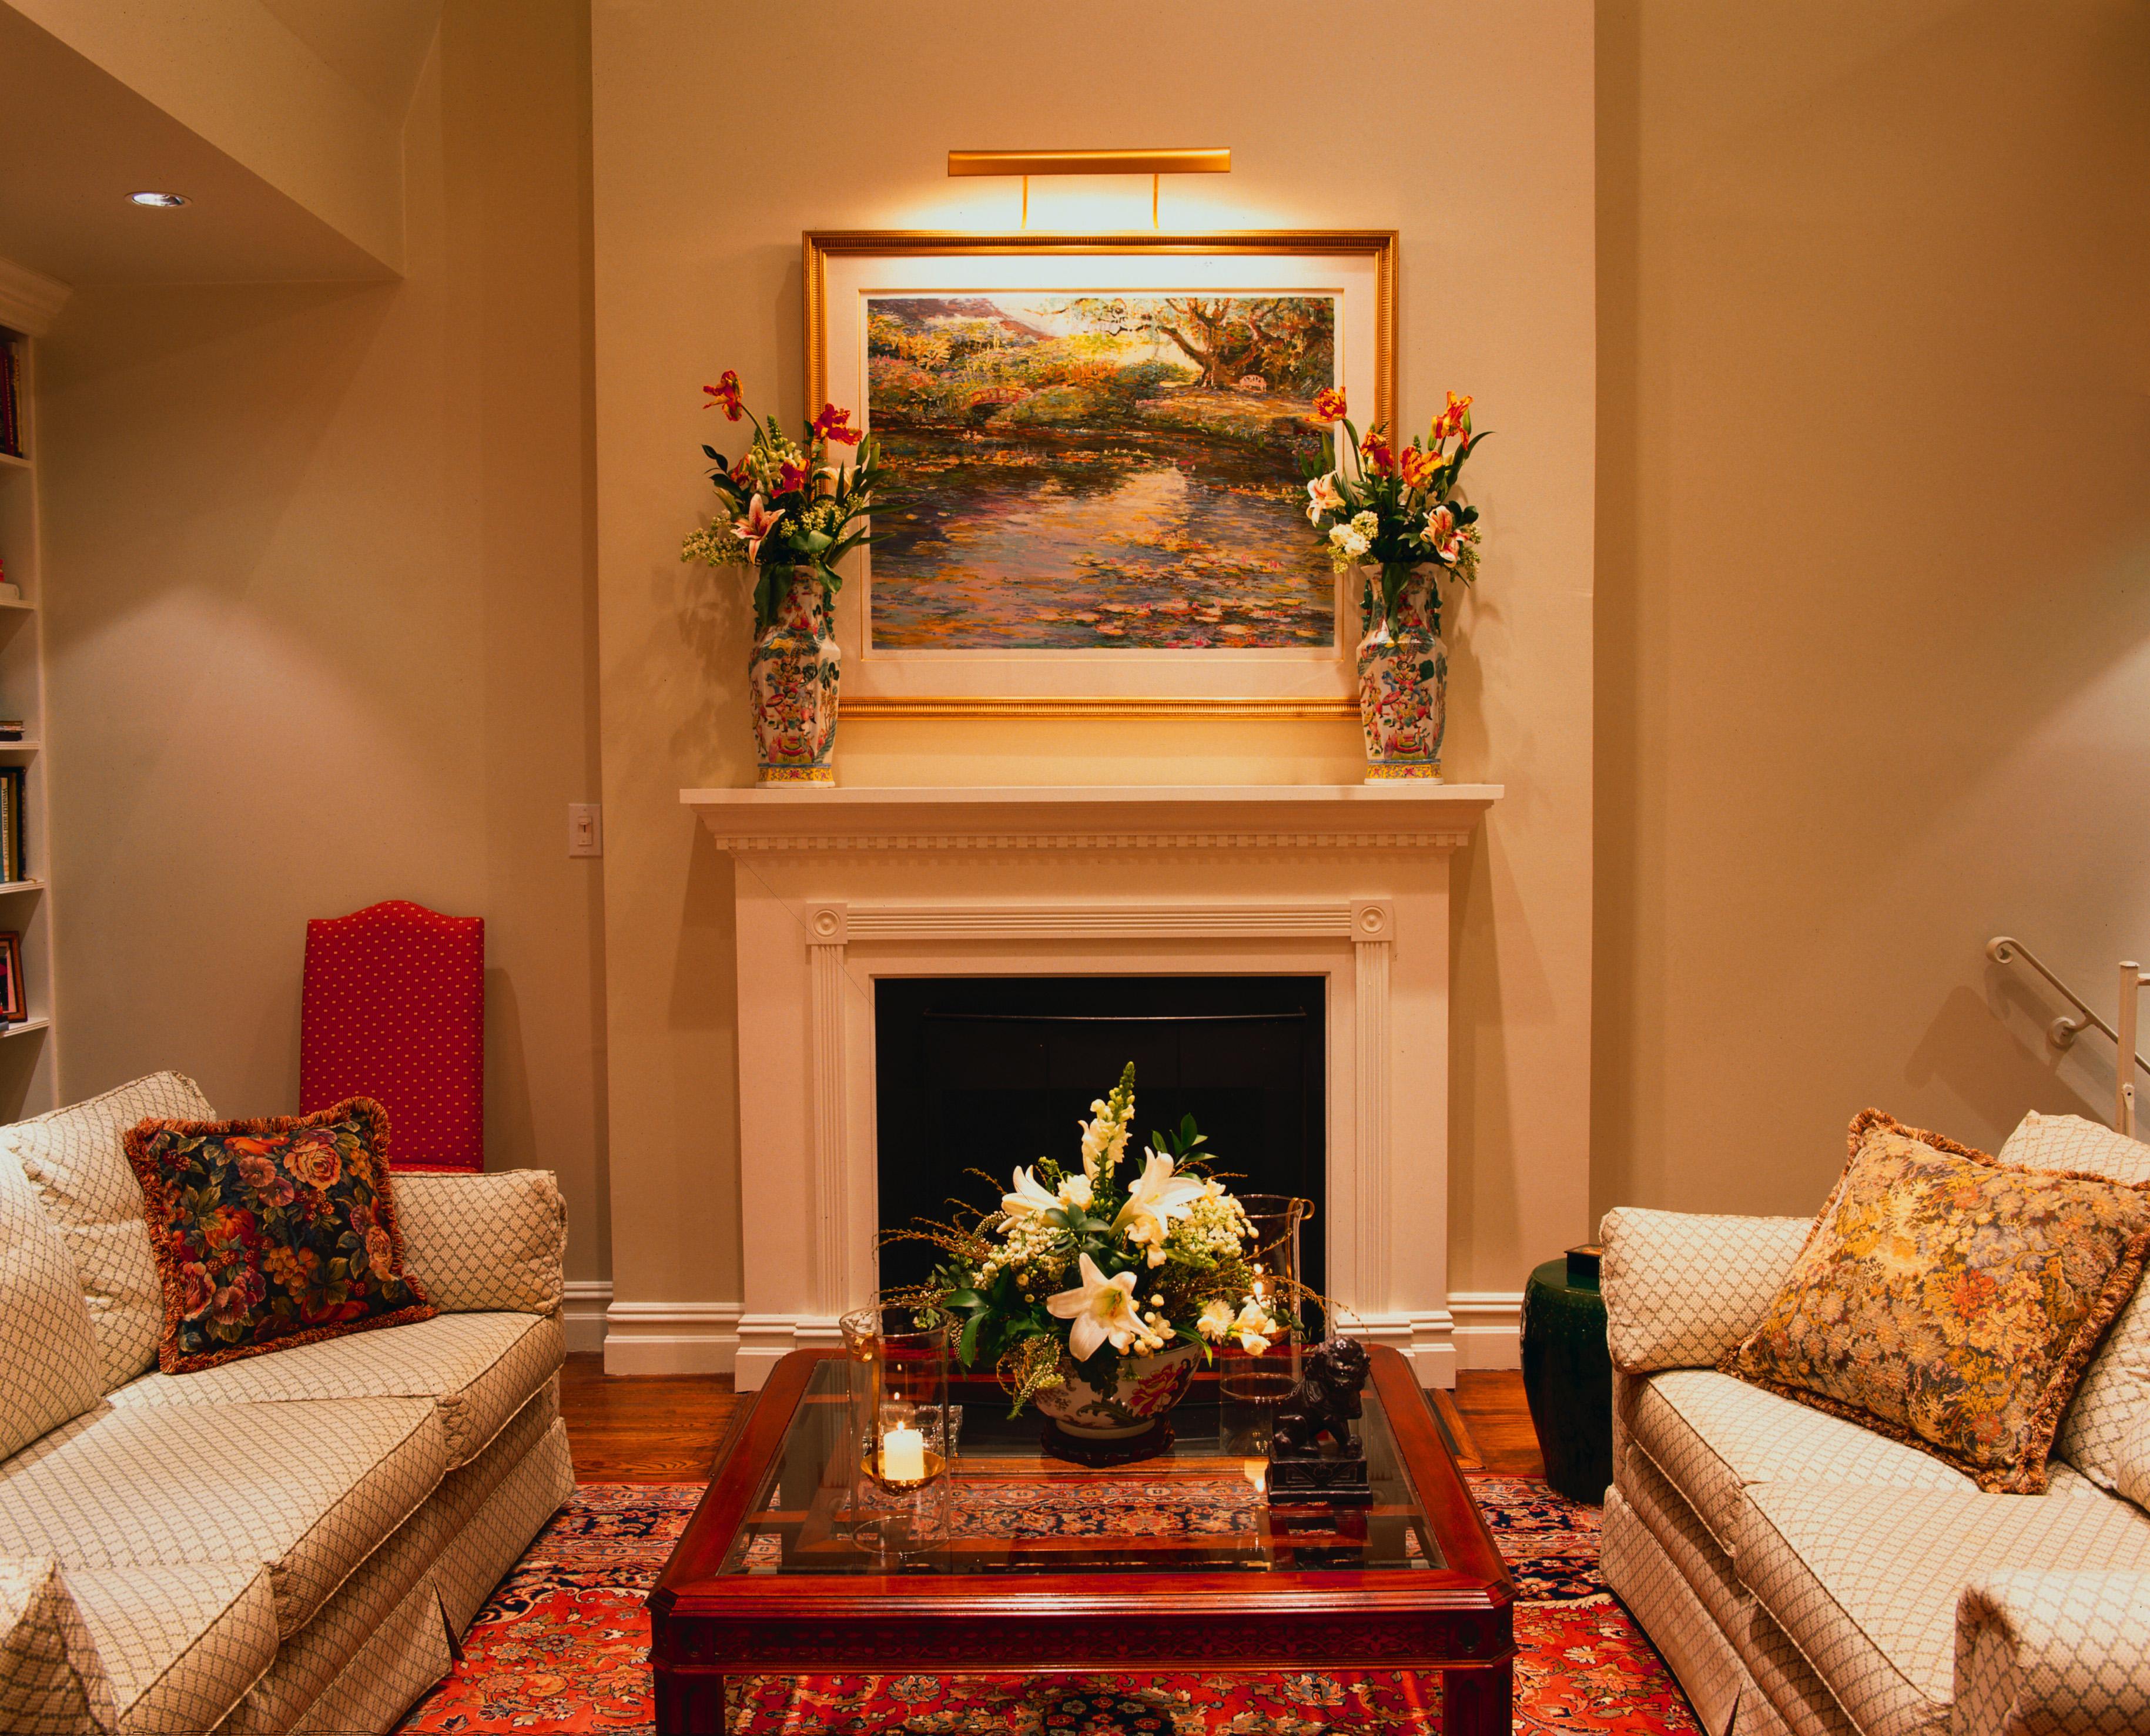 Интерьер с камином в гостиной фото